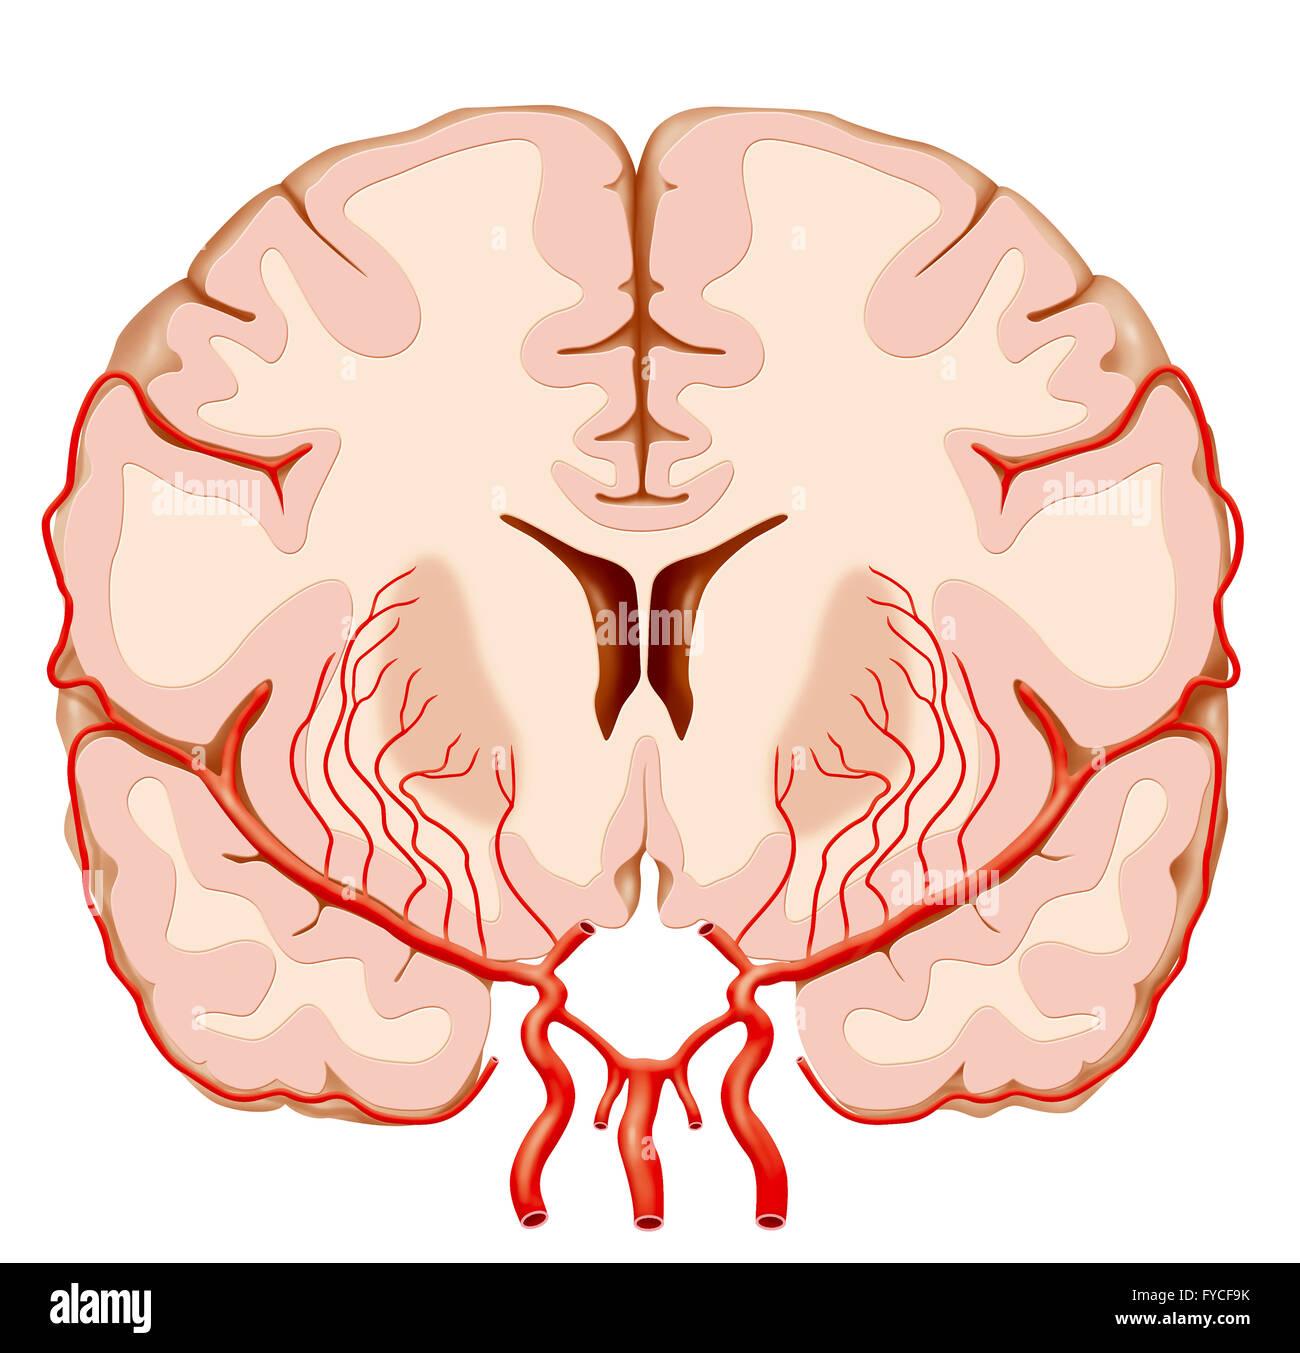 Arteriosus Immagini & Arteriosus Fotos Stock - Alamy